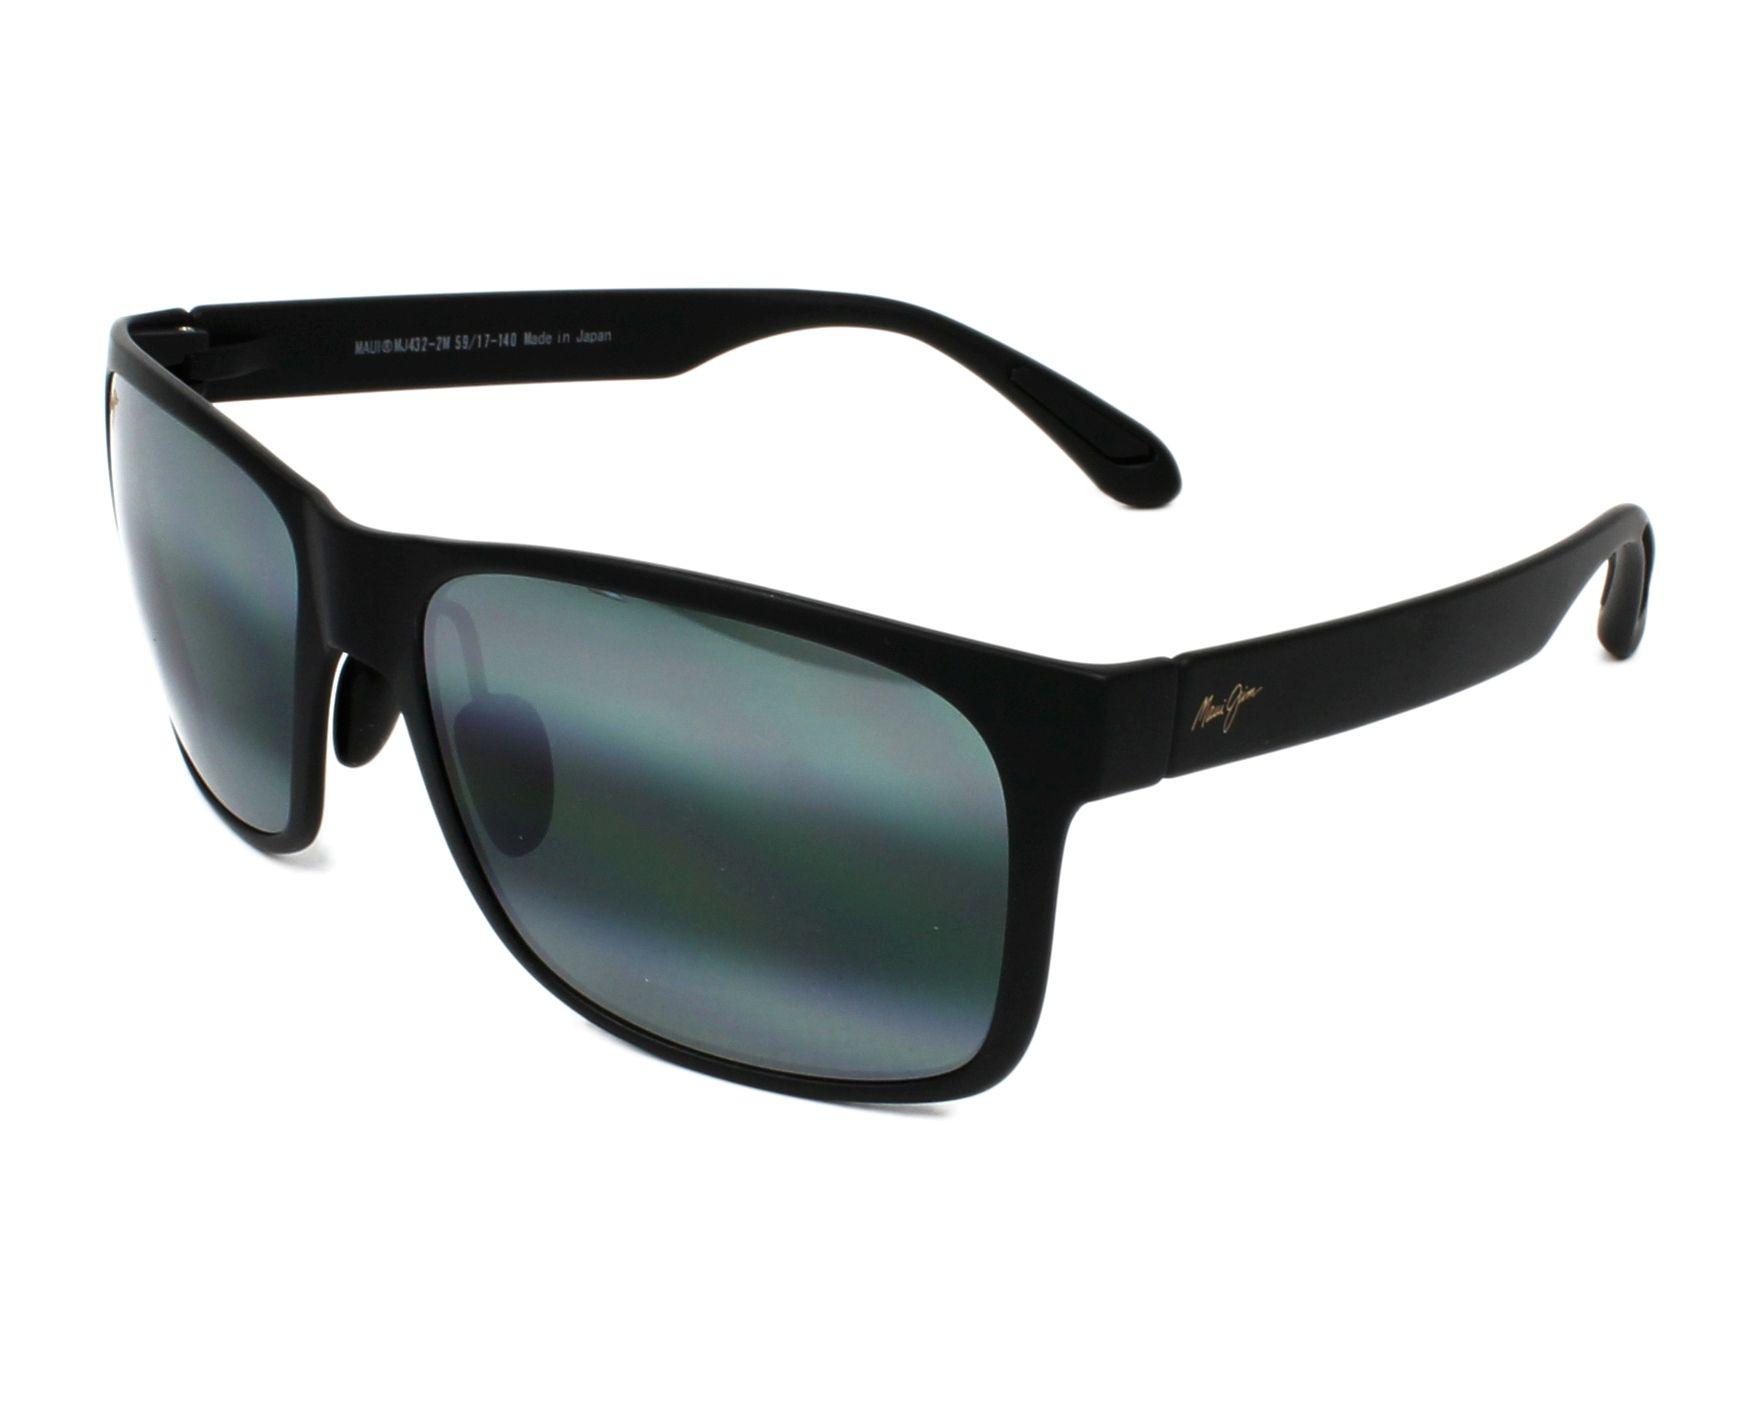 1cfb14d3db3cbd Polarized. Sunglasses Maui Jim 432 2M 59-17 Black profile view